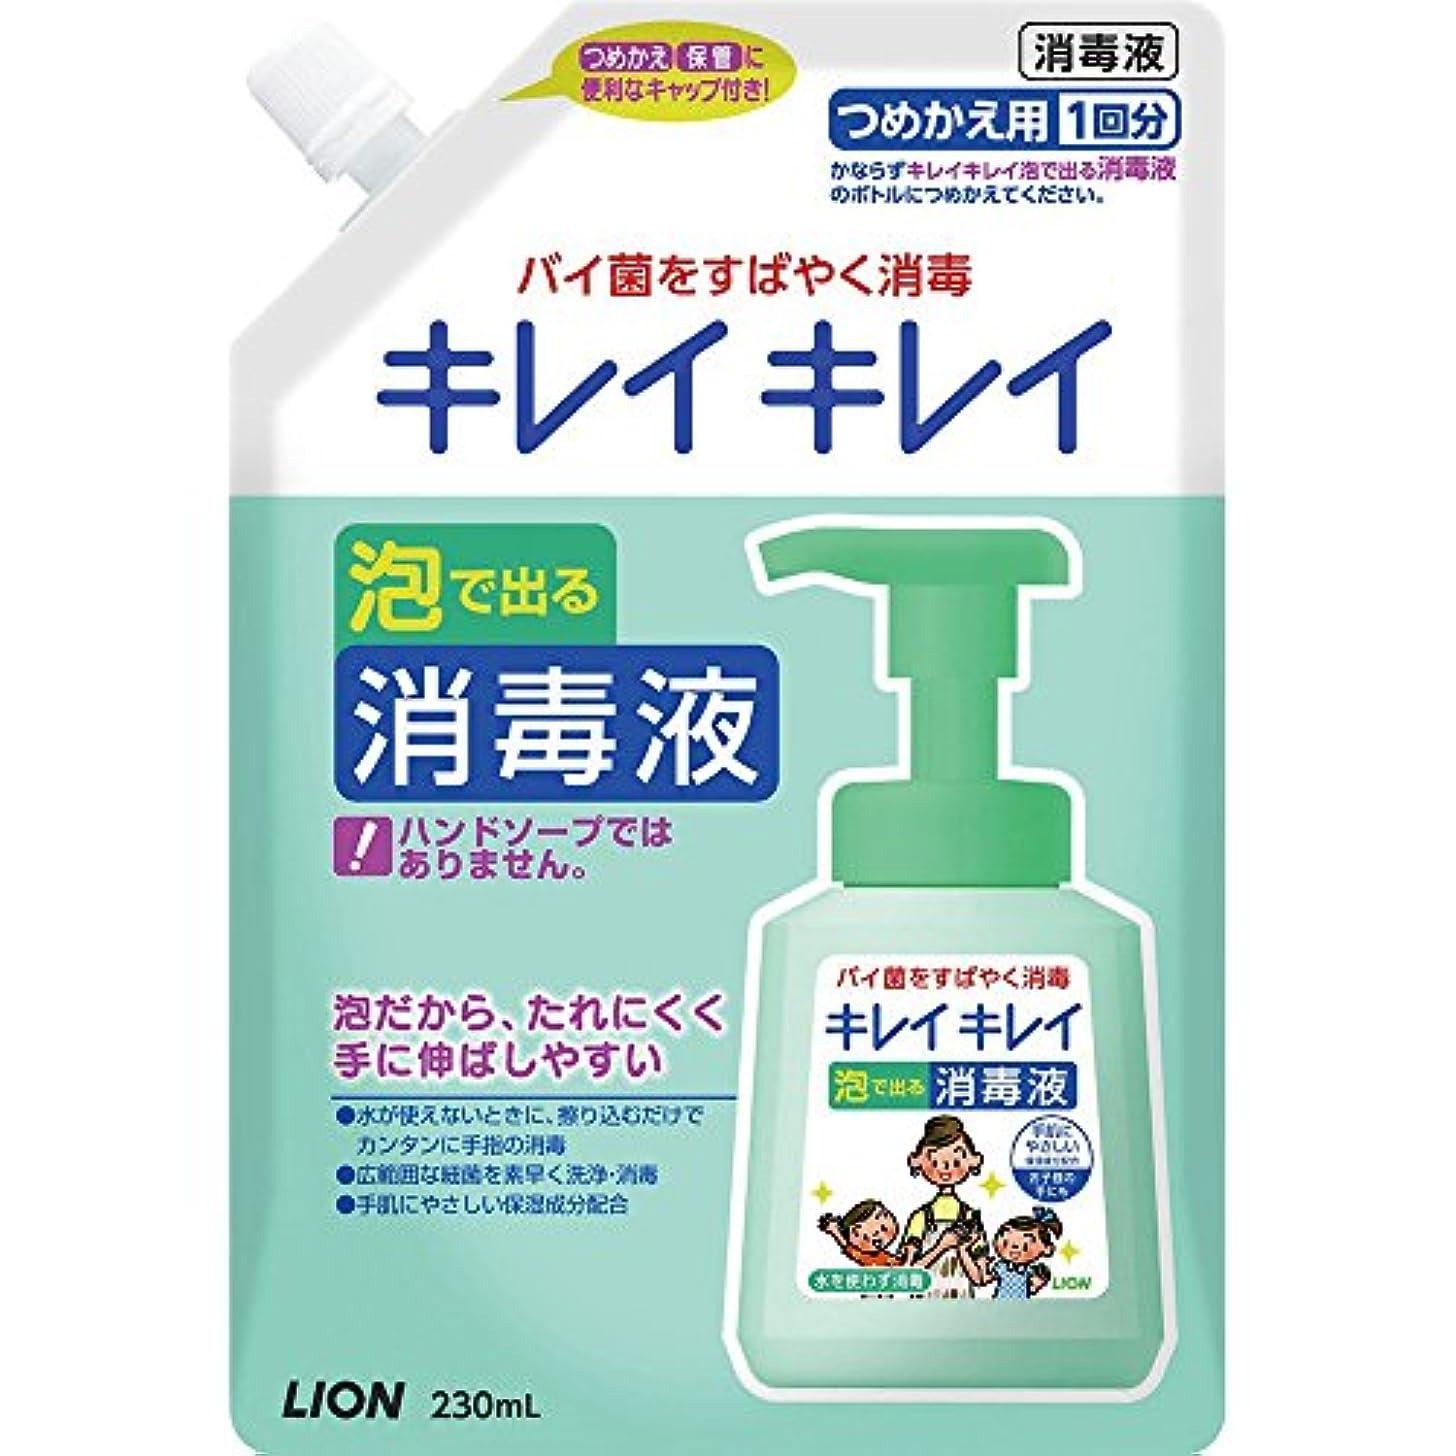 ブレーキ輝く下向きキレイキレイ 薬 泡ででる消毒液 詰替 230ml (指定医薬部外品)